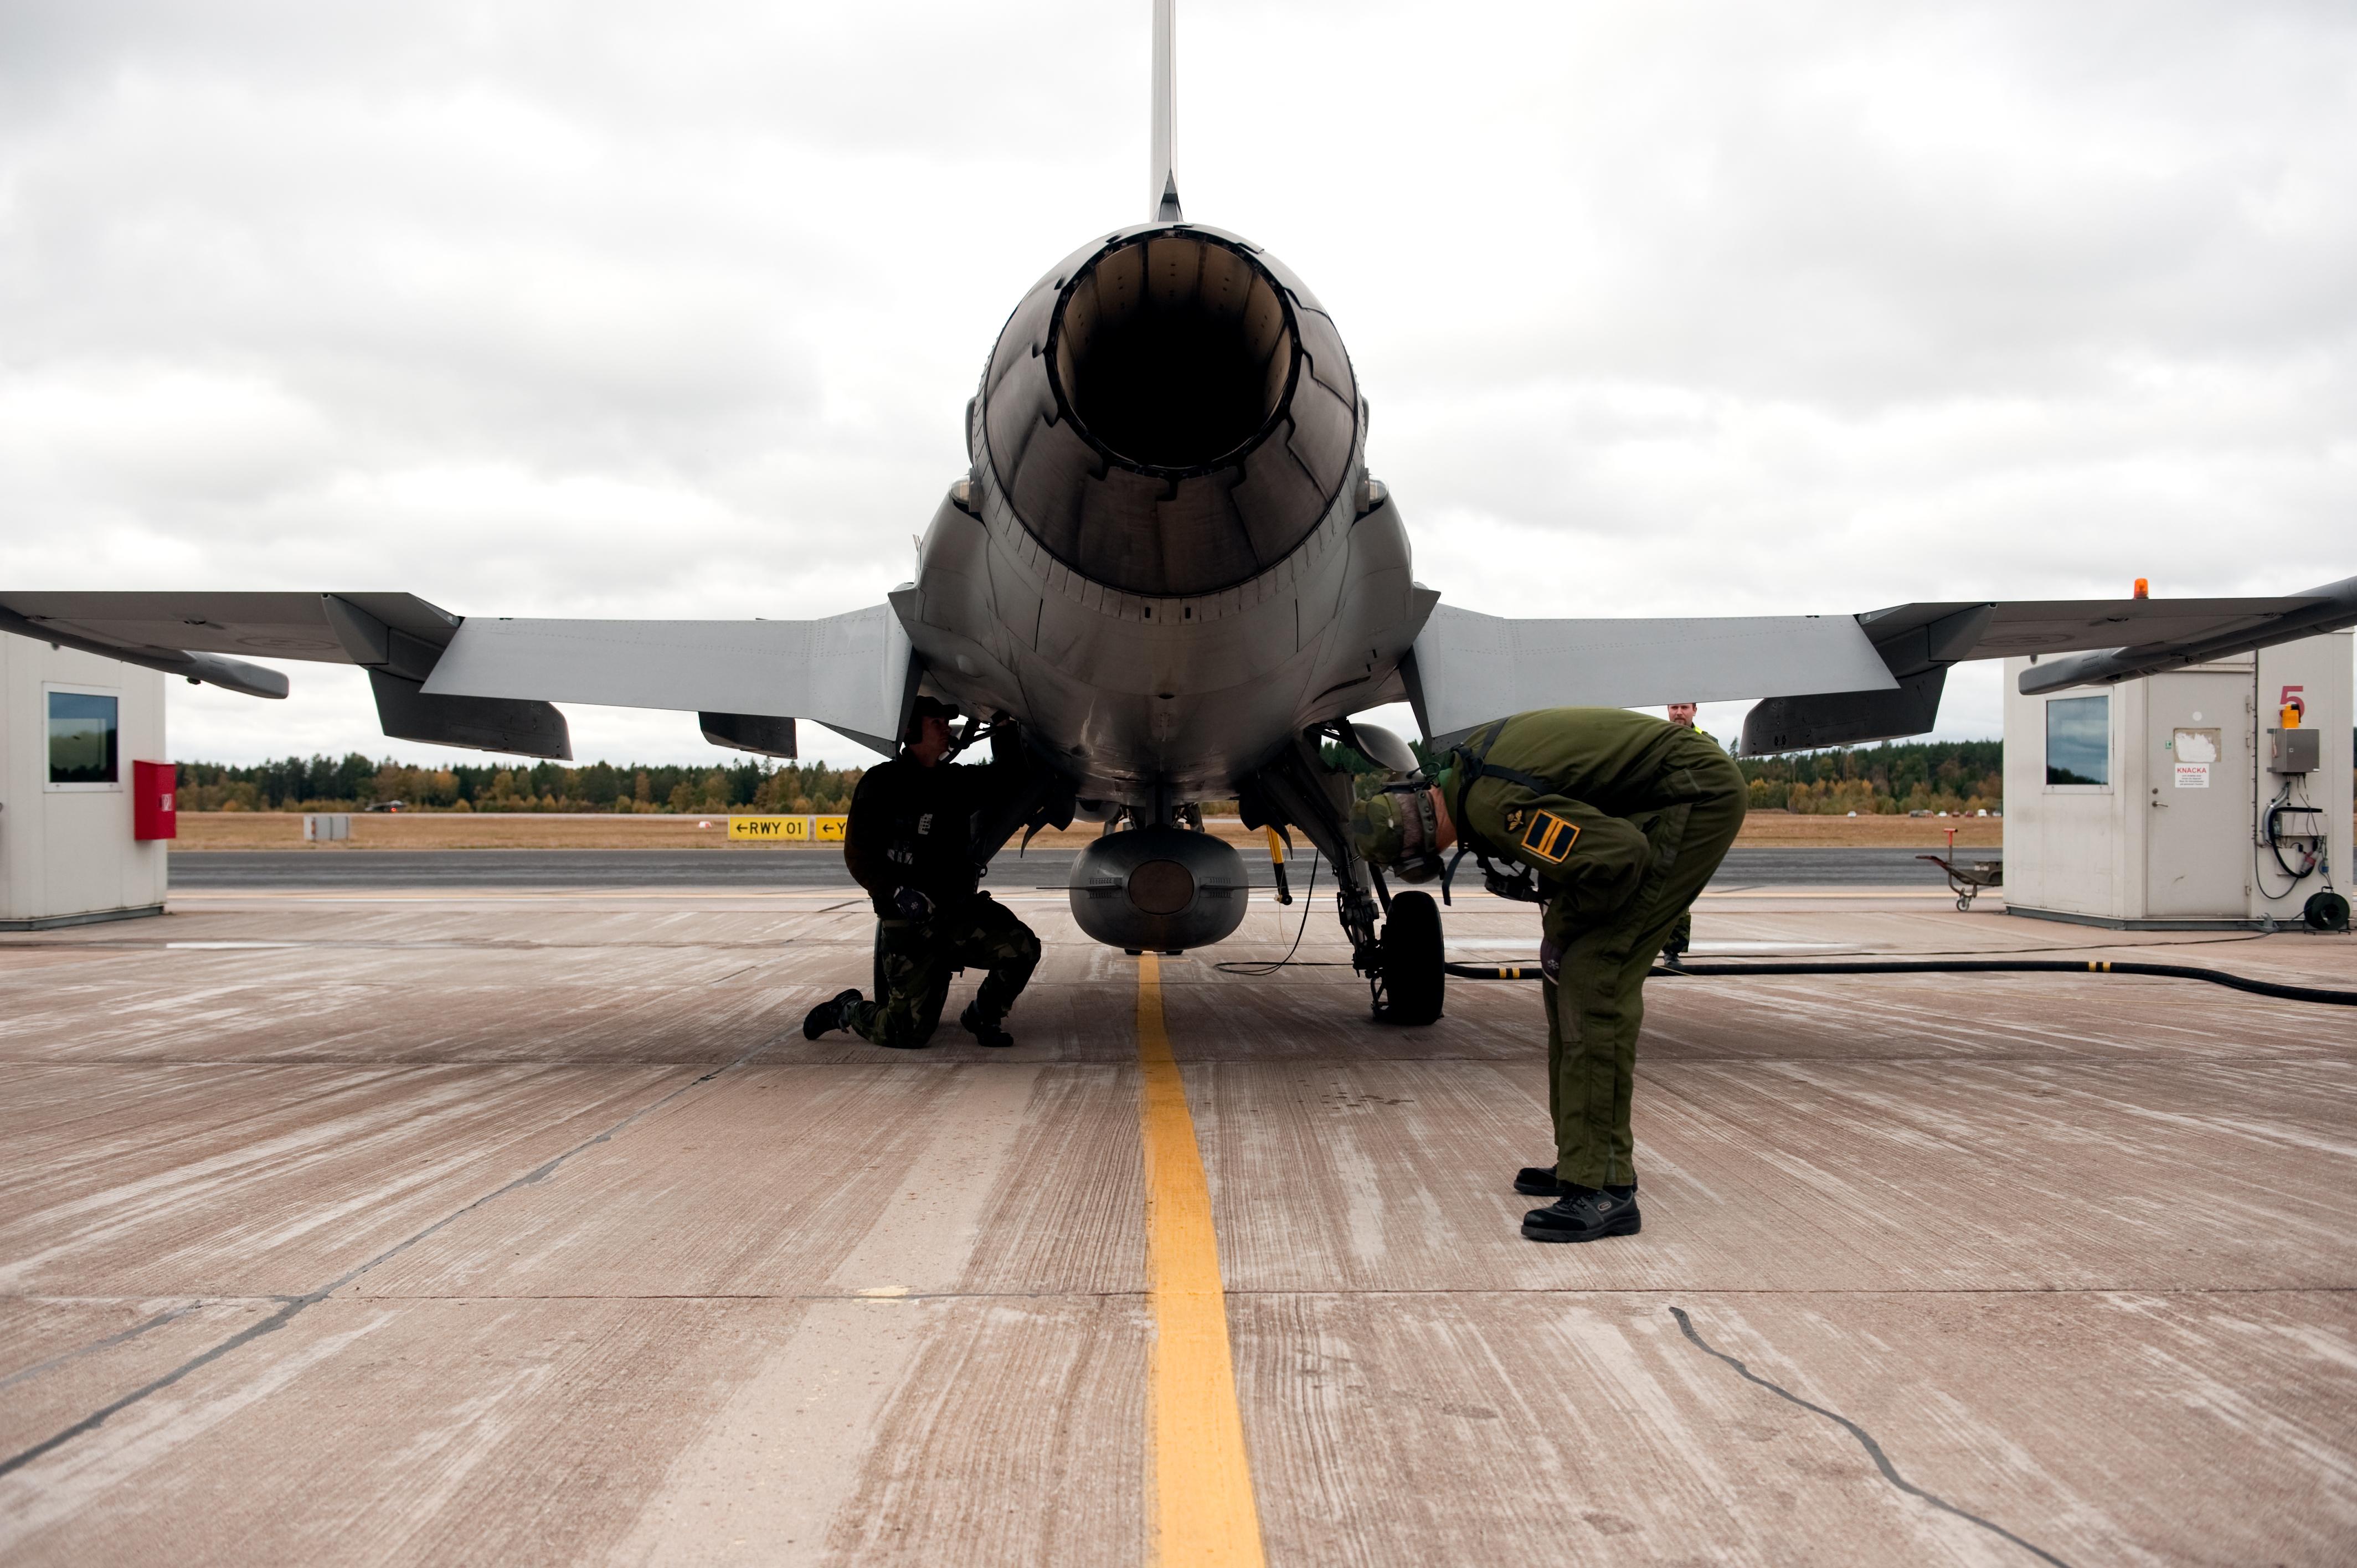 الفتخاء السويدية JAS-39 بالتفصيل الغير ممل! Klargoring_av_JAS_39_Gripen_pa_F17,_Kallinge_Sverige_(5)